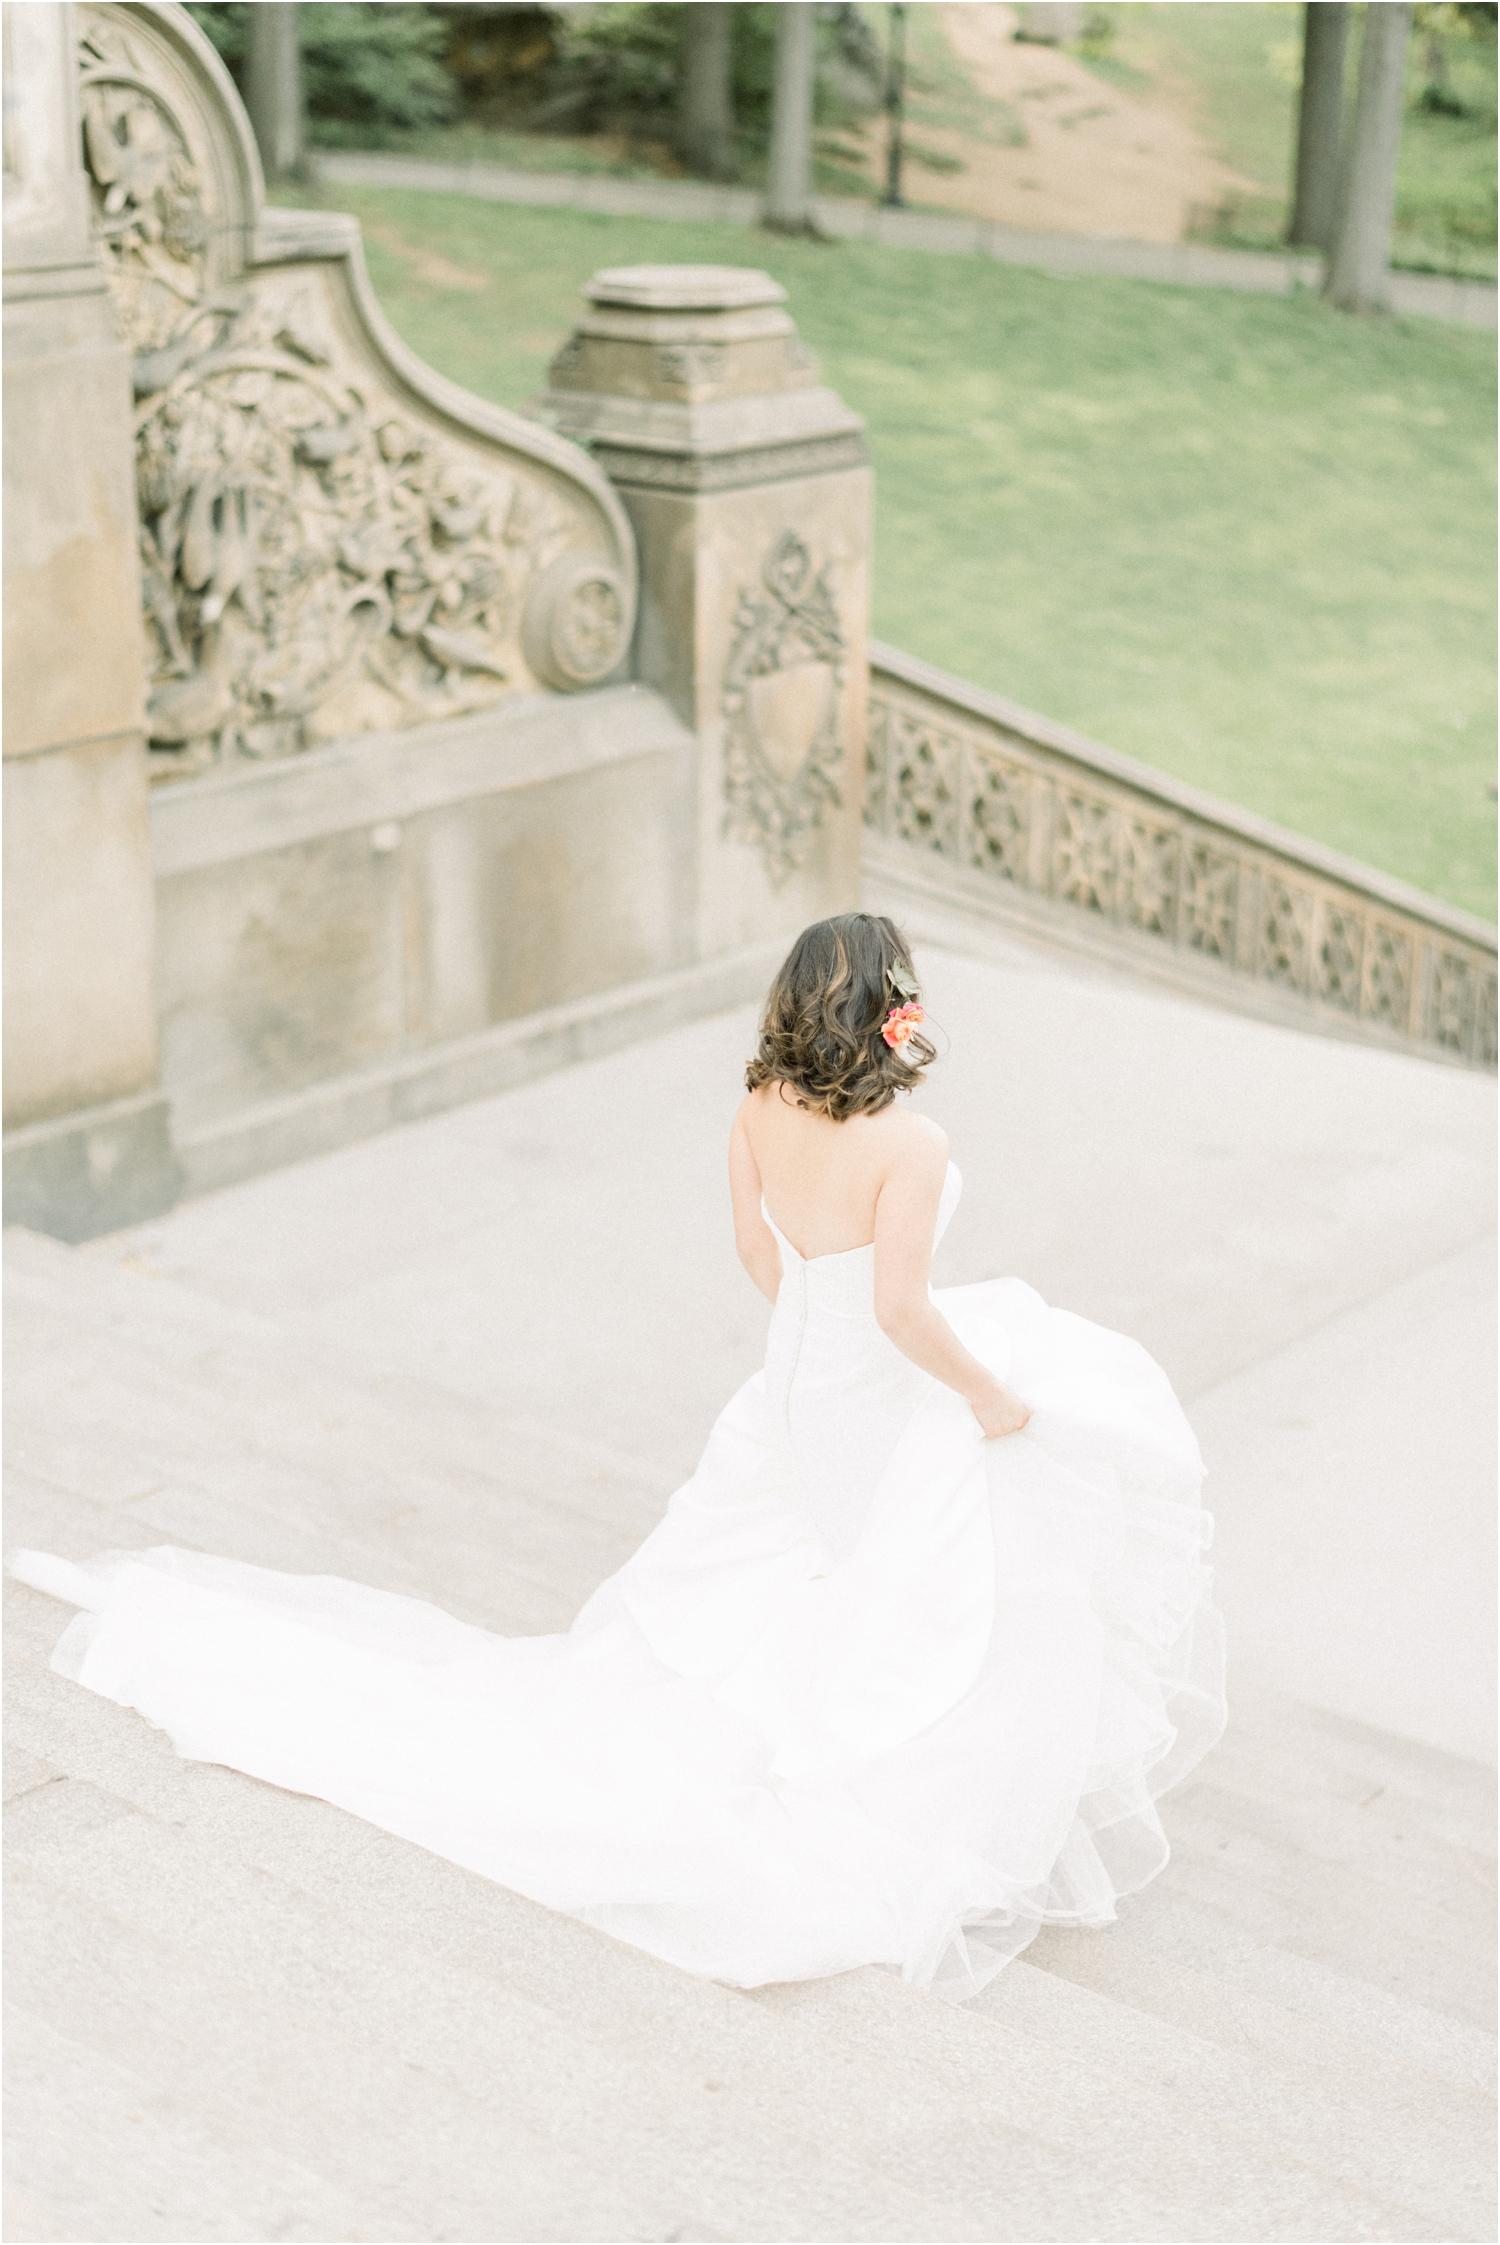 Loeb Boathouse wedding photography